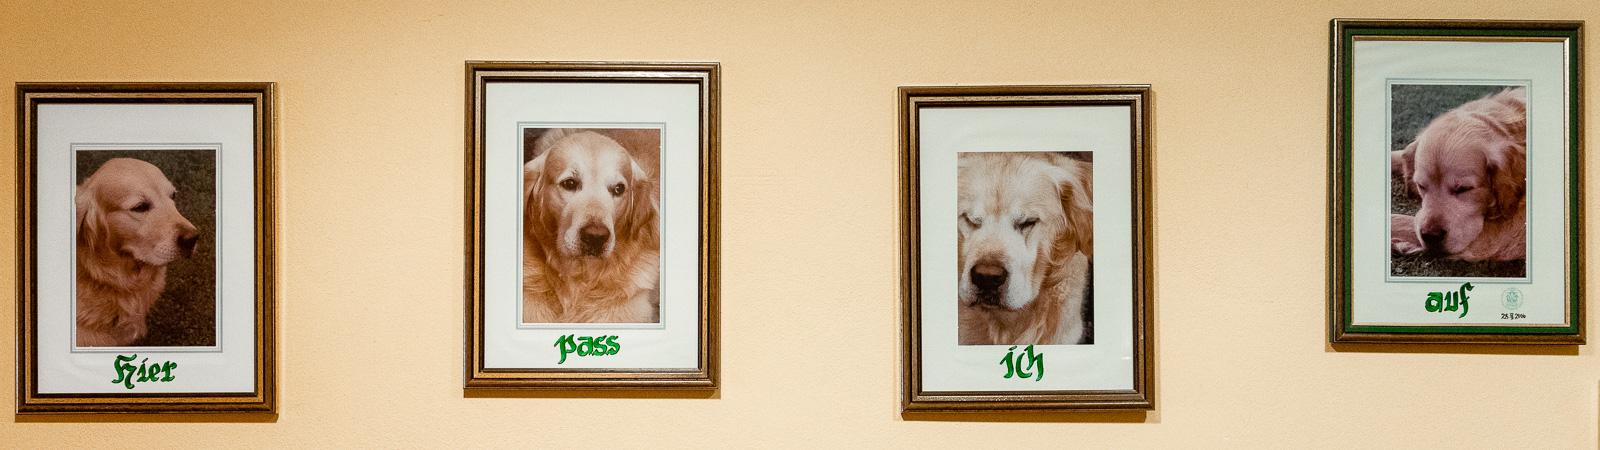 Haushund Henry, Hotel Teichwirt - Erholung im Naturpark Almenland am Teichalmsee // Teichalm, www.miss-classy.com #hotelteichalm #teichalm #natur